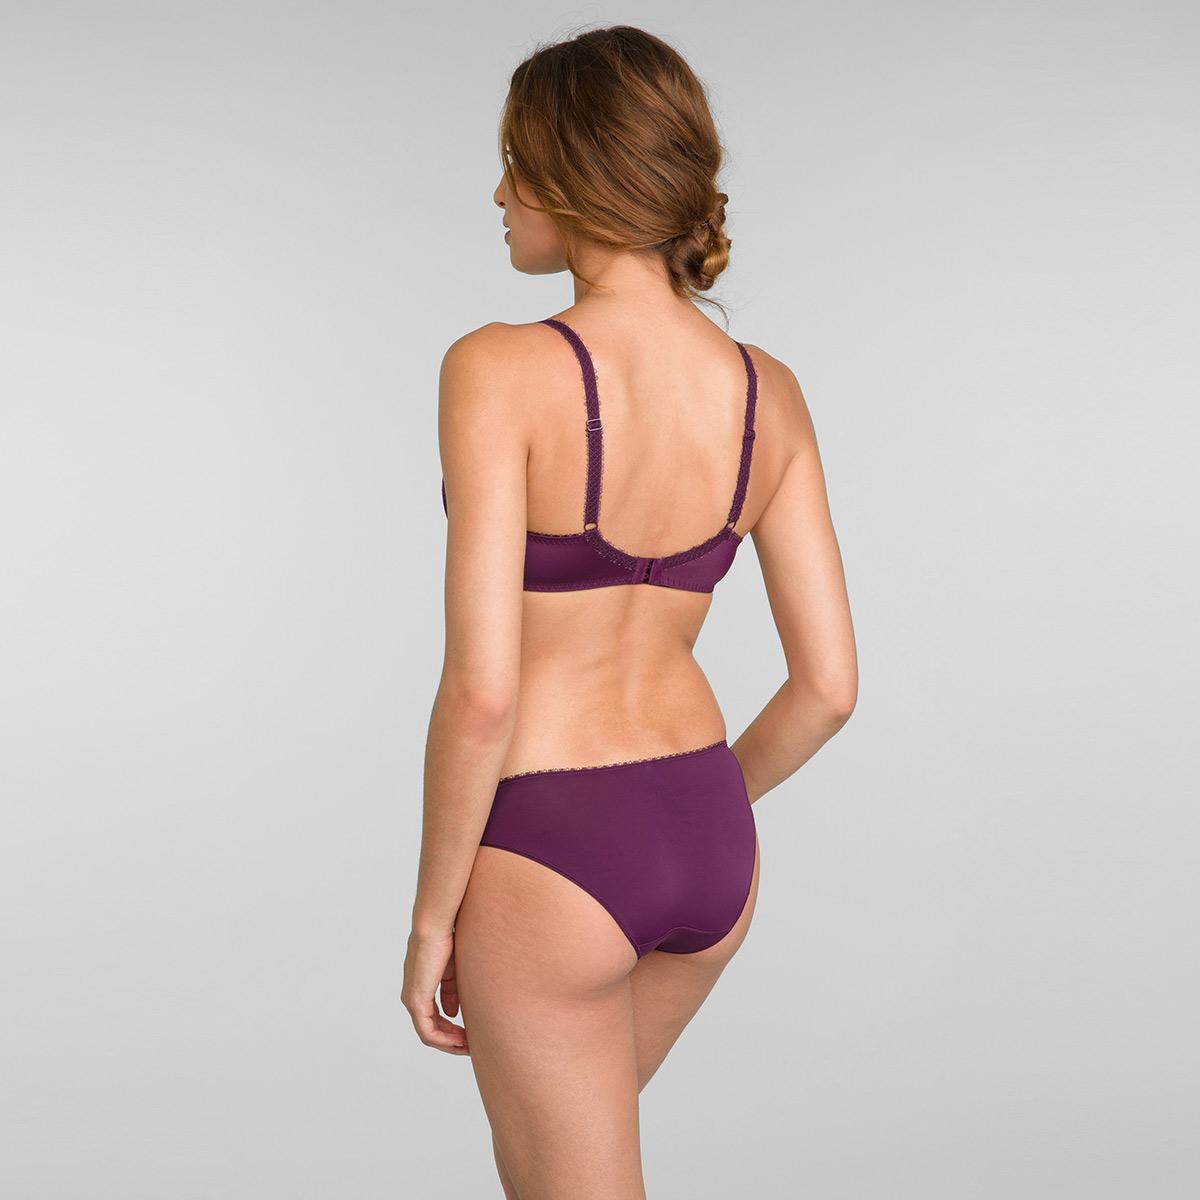 Reggiseno balconcino con ferretto viola e oro Flowery Lace, , PLAYTEX